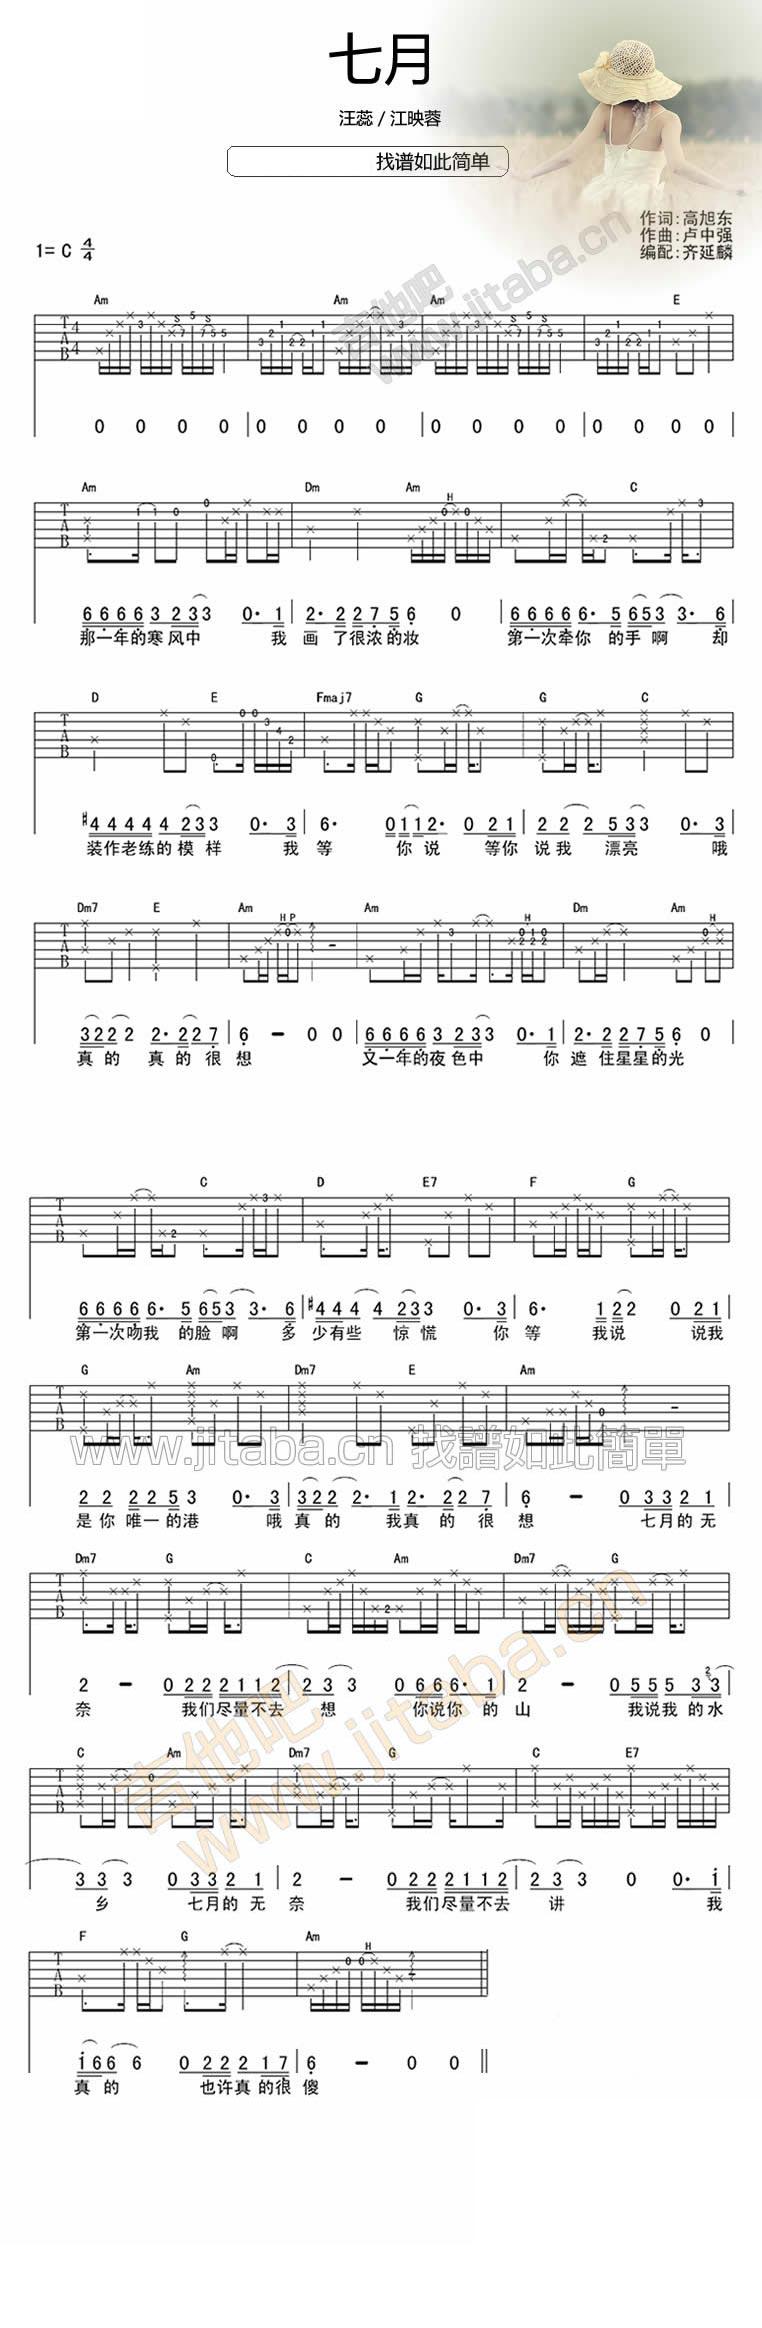 七月 汪蕊 江映蓉合唱 吉他谱图片